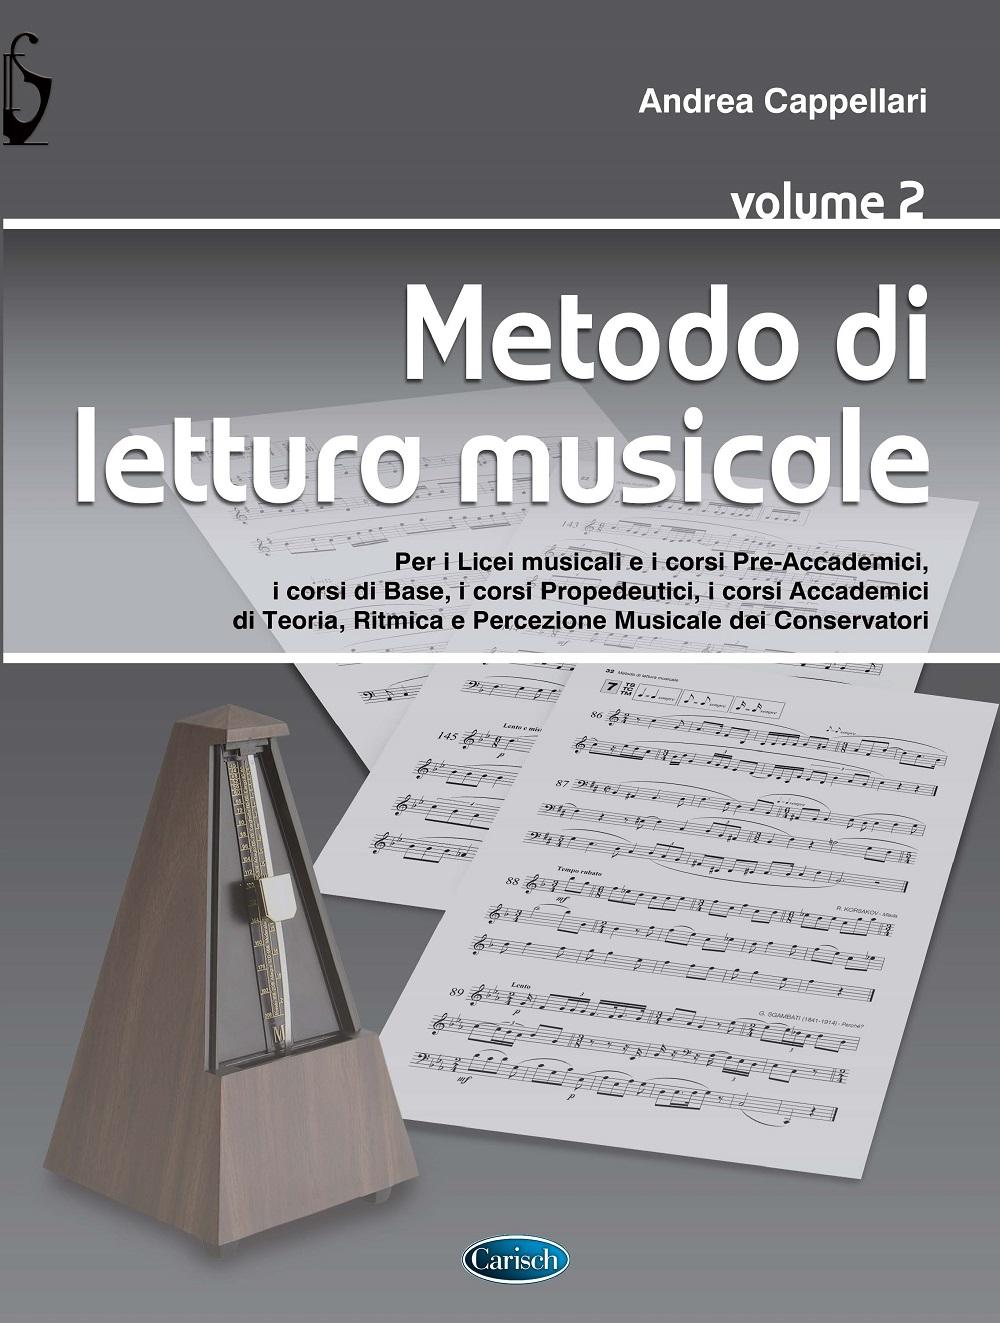 Metodo di lettura musicale vol. 2: Method